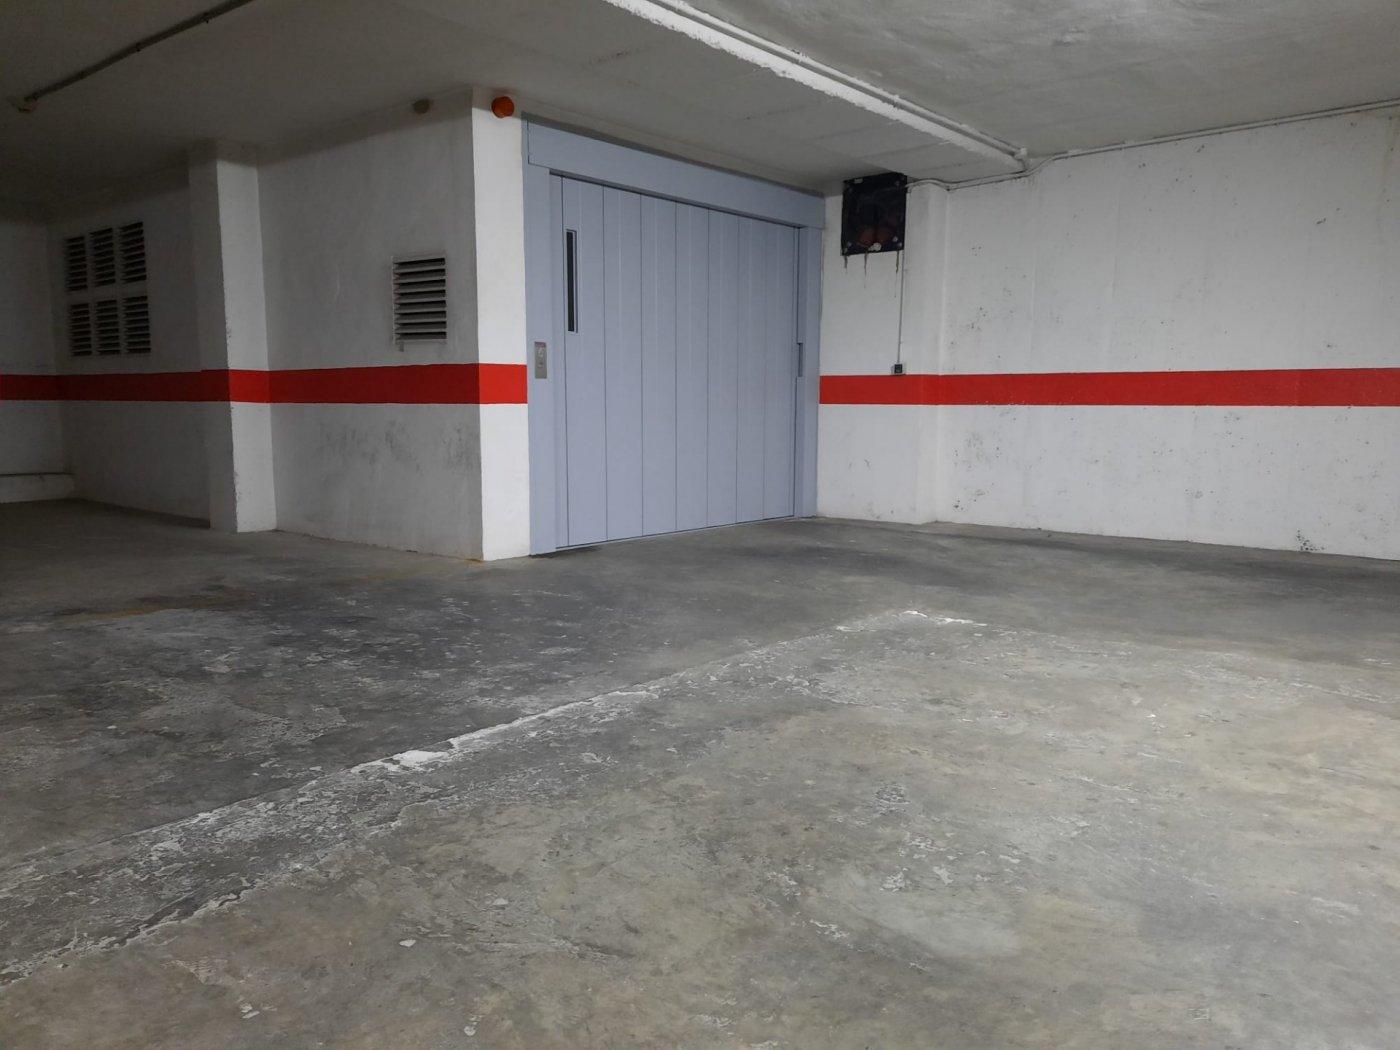 Garaje en  sotano con elevador  en plaza prado - imagenInmueble7